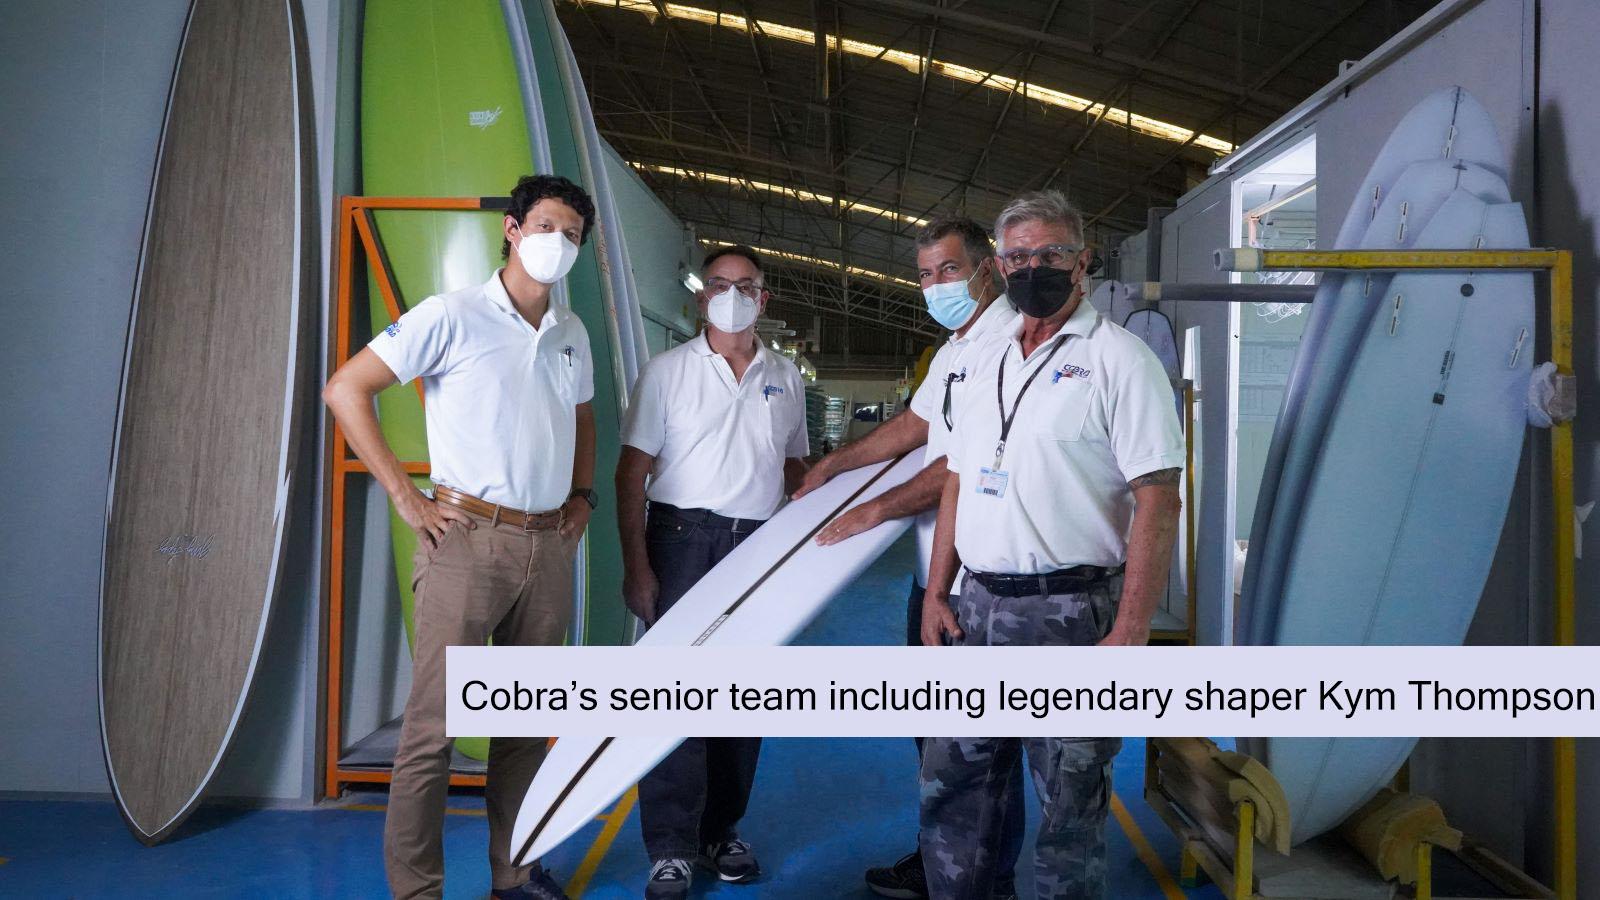 [108] Cobra's senior team including legendary shaper Kym Thompson (captioned)